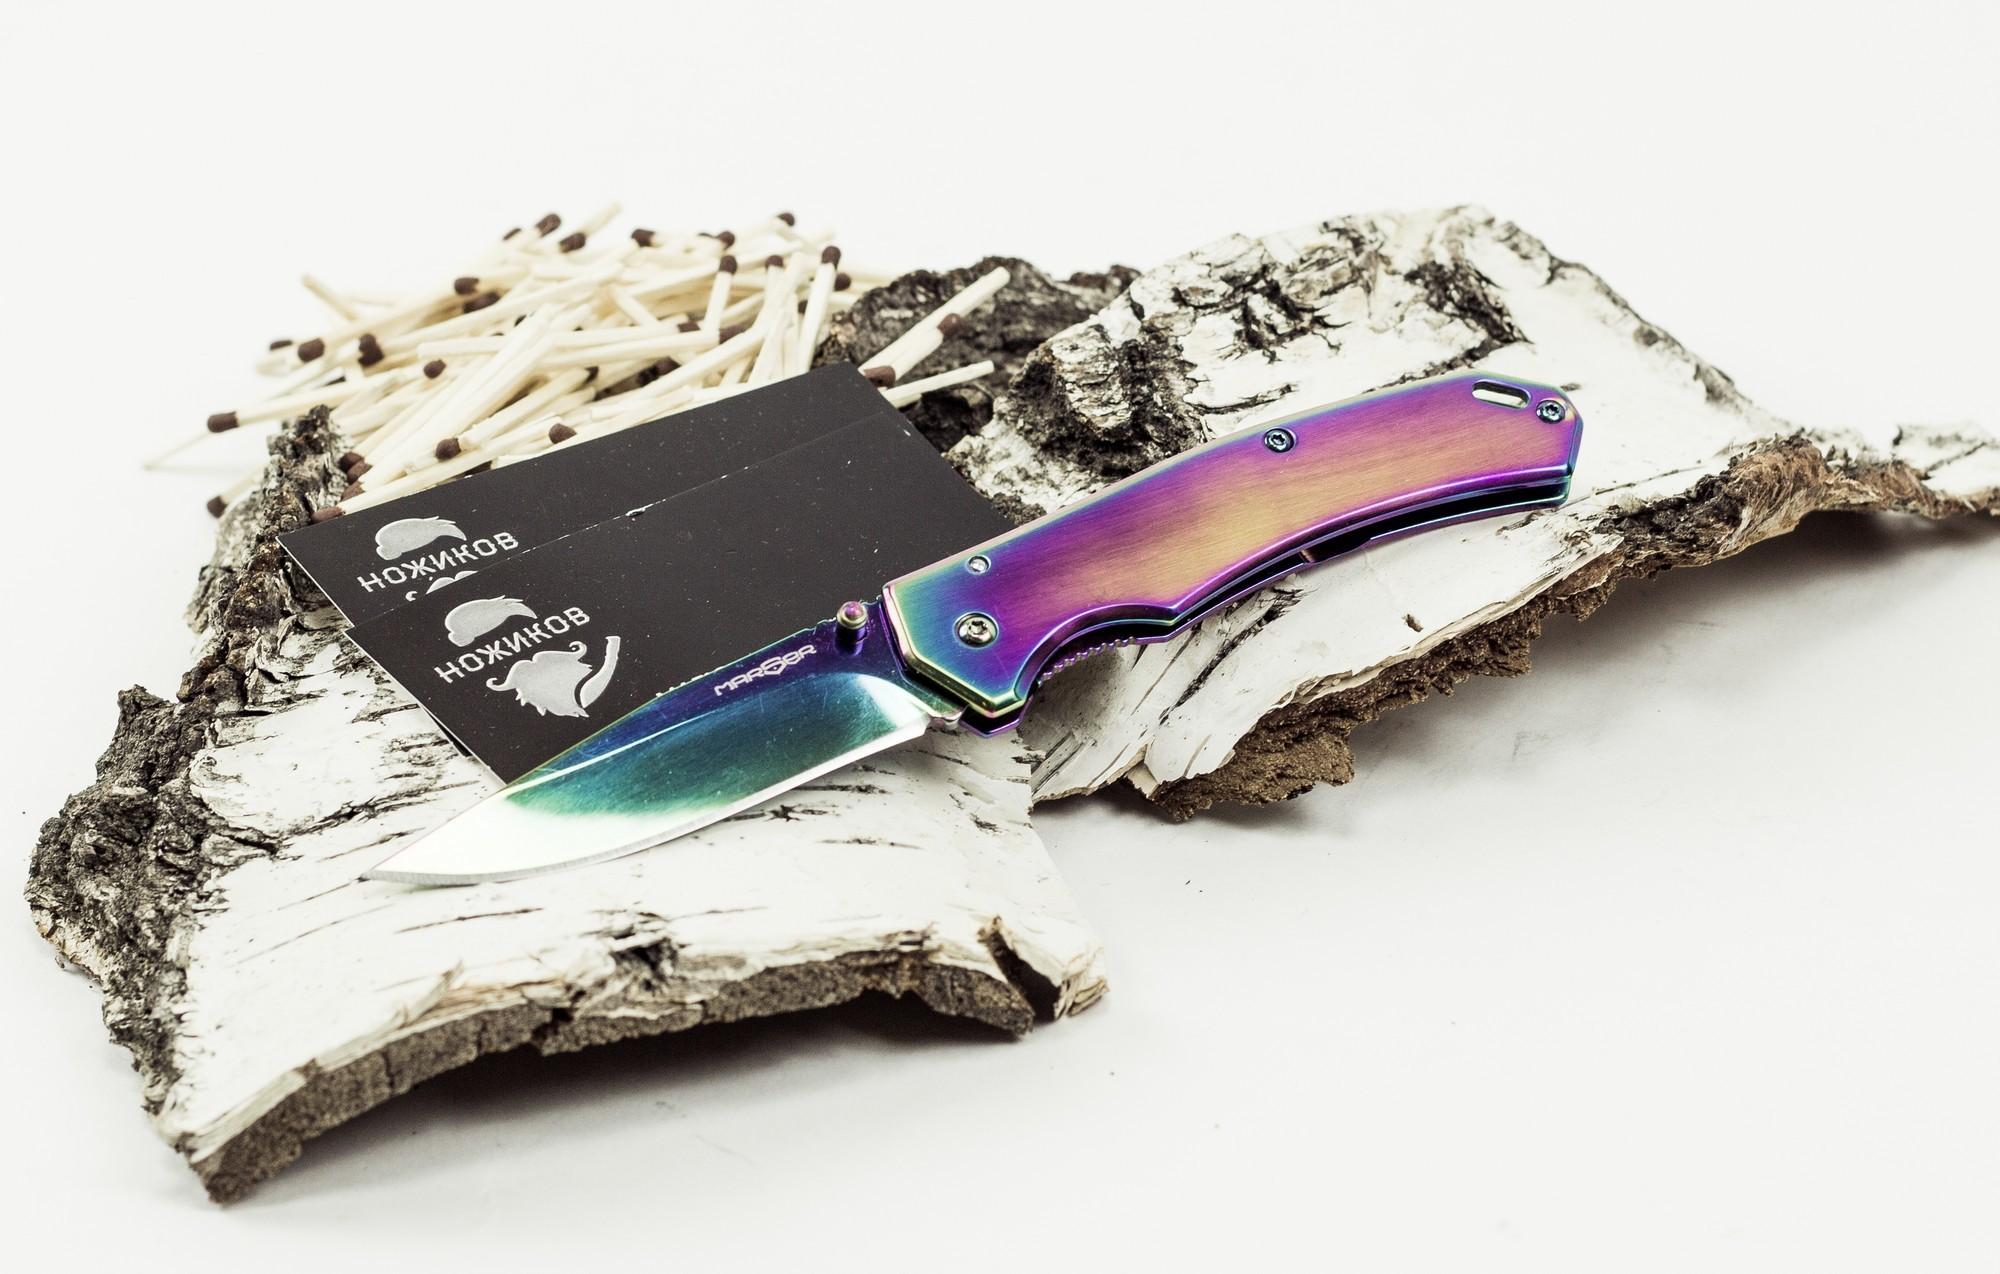 Складной нож Marser Str-5